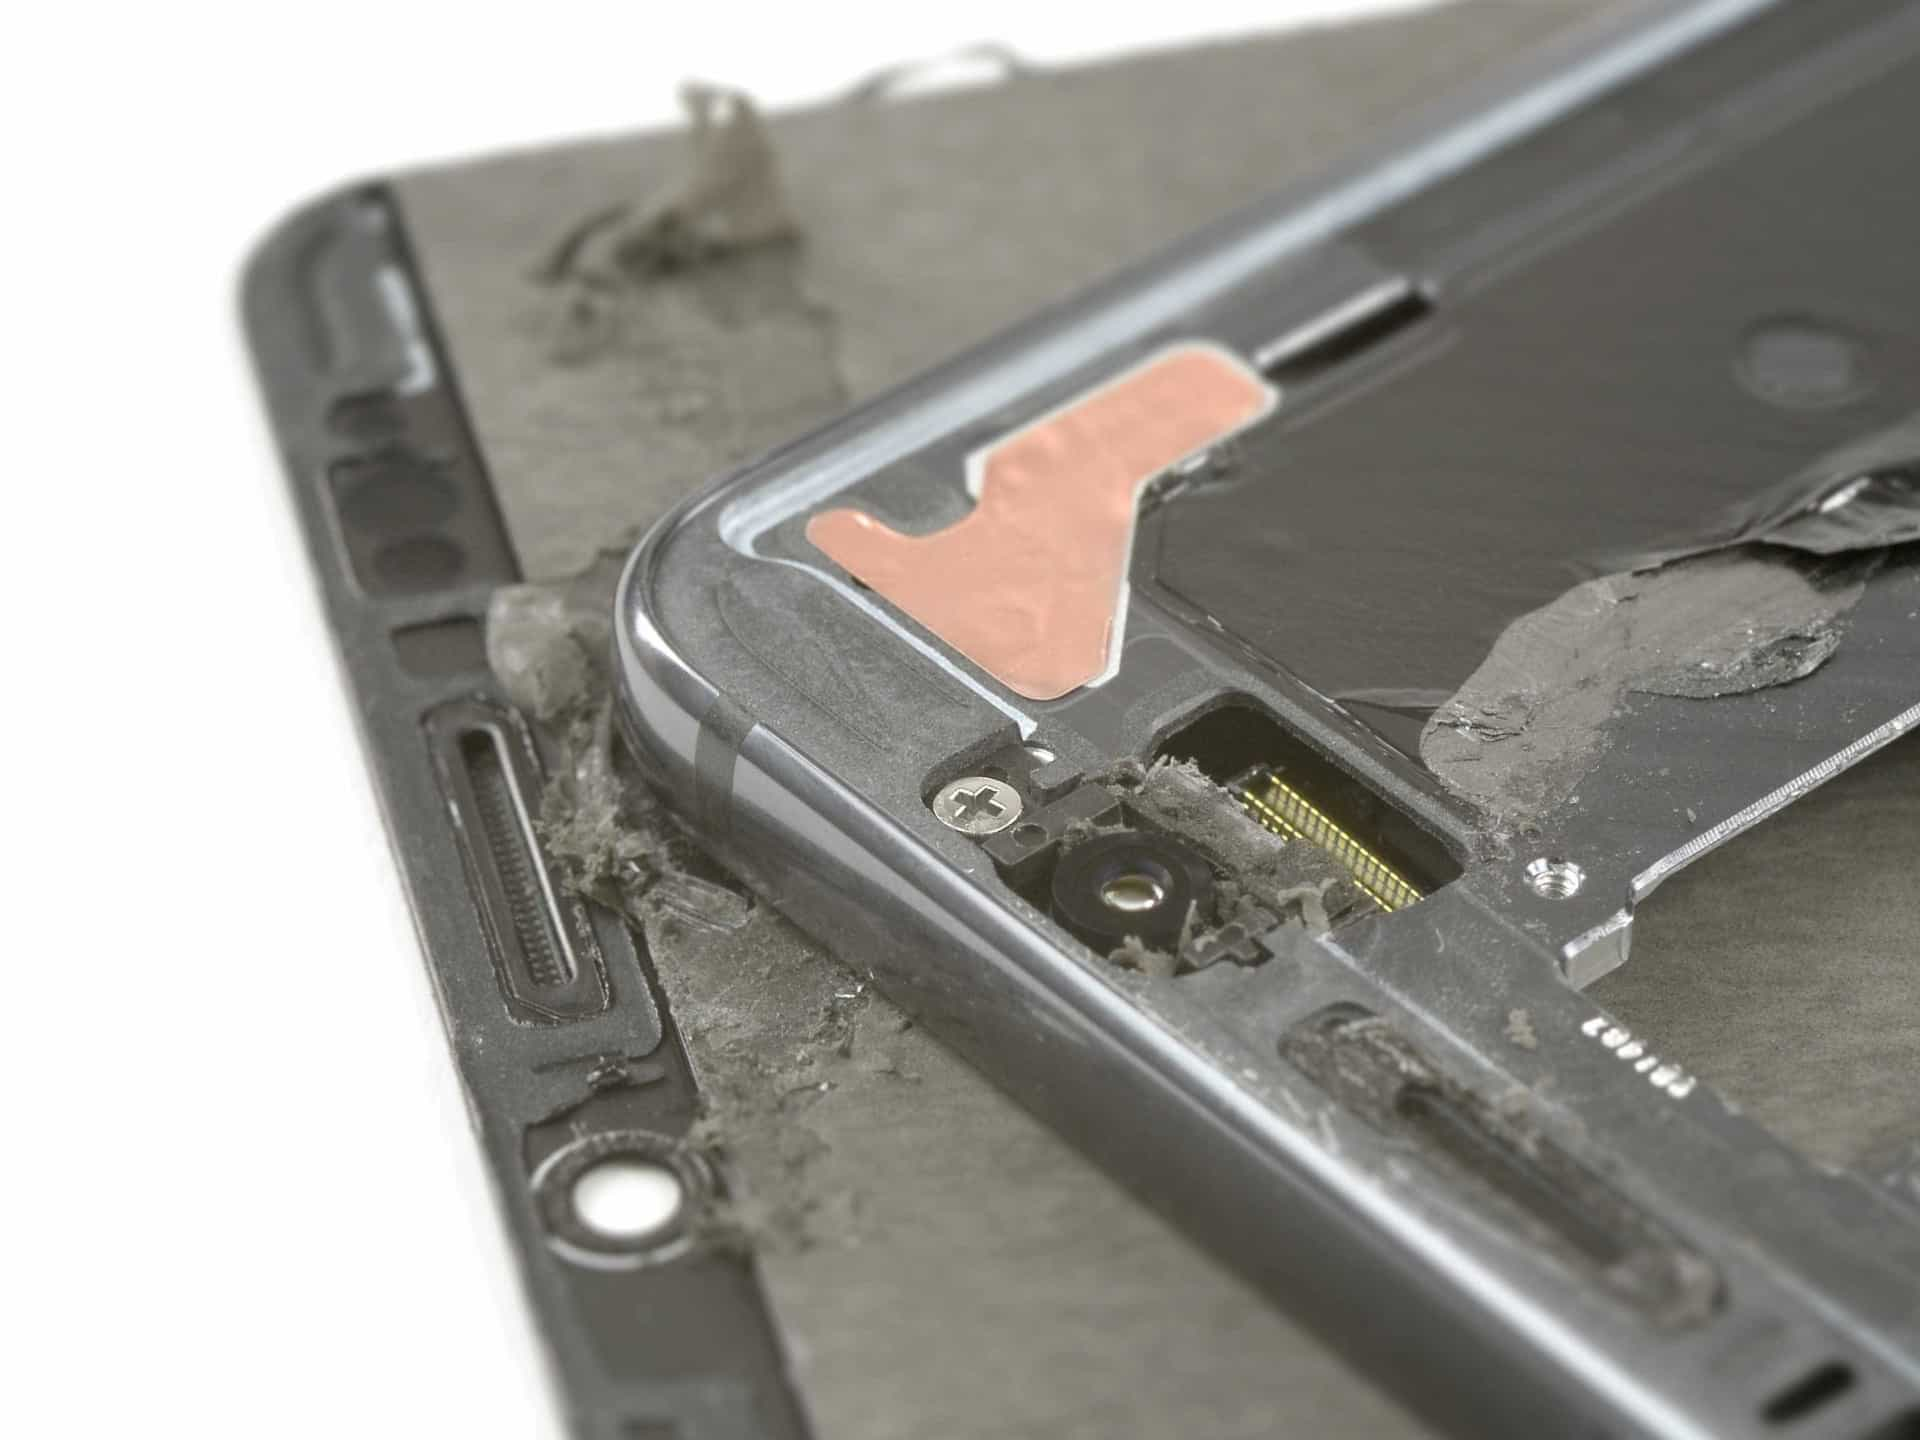 O novo topo de gama da Huawei foi desmontado. Veja o interior